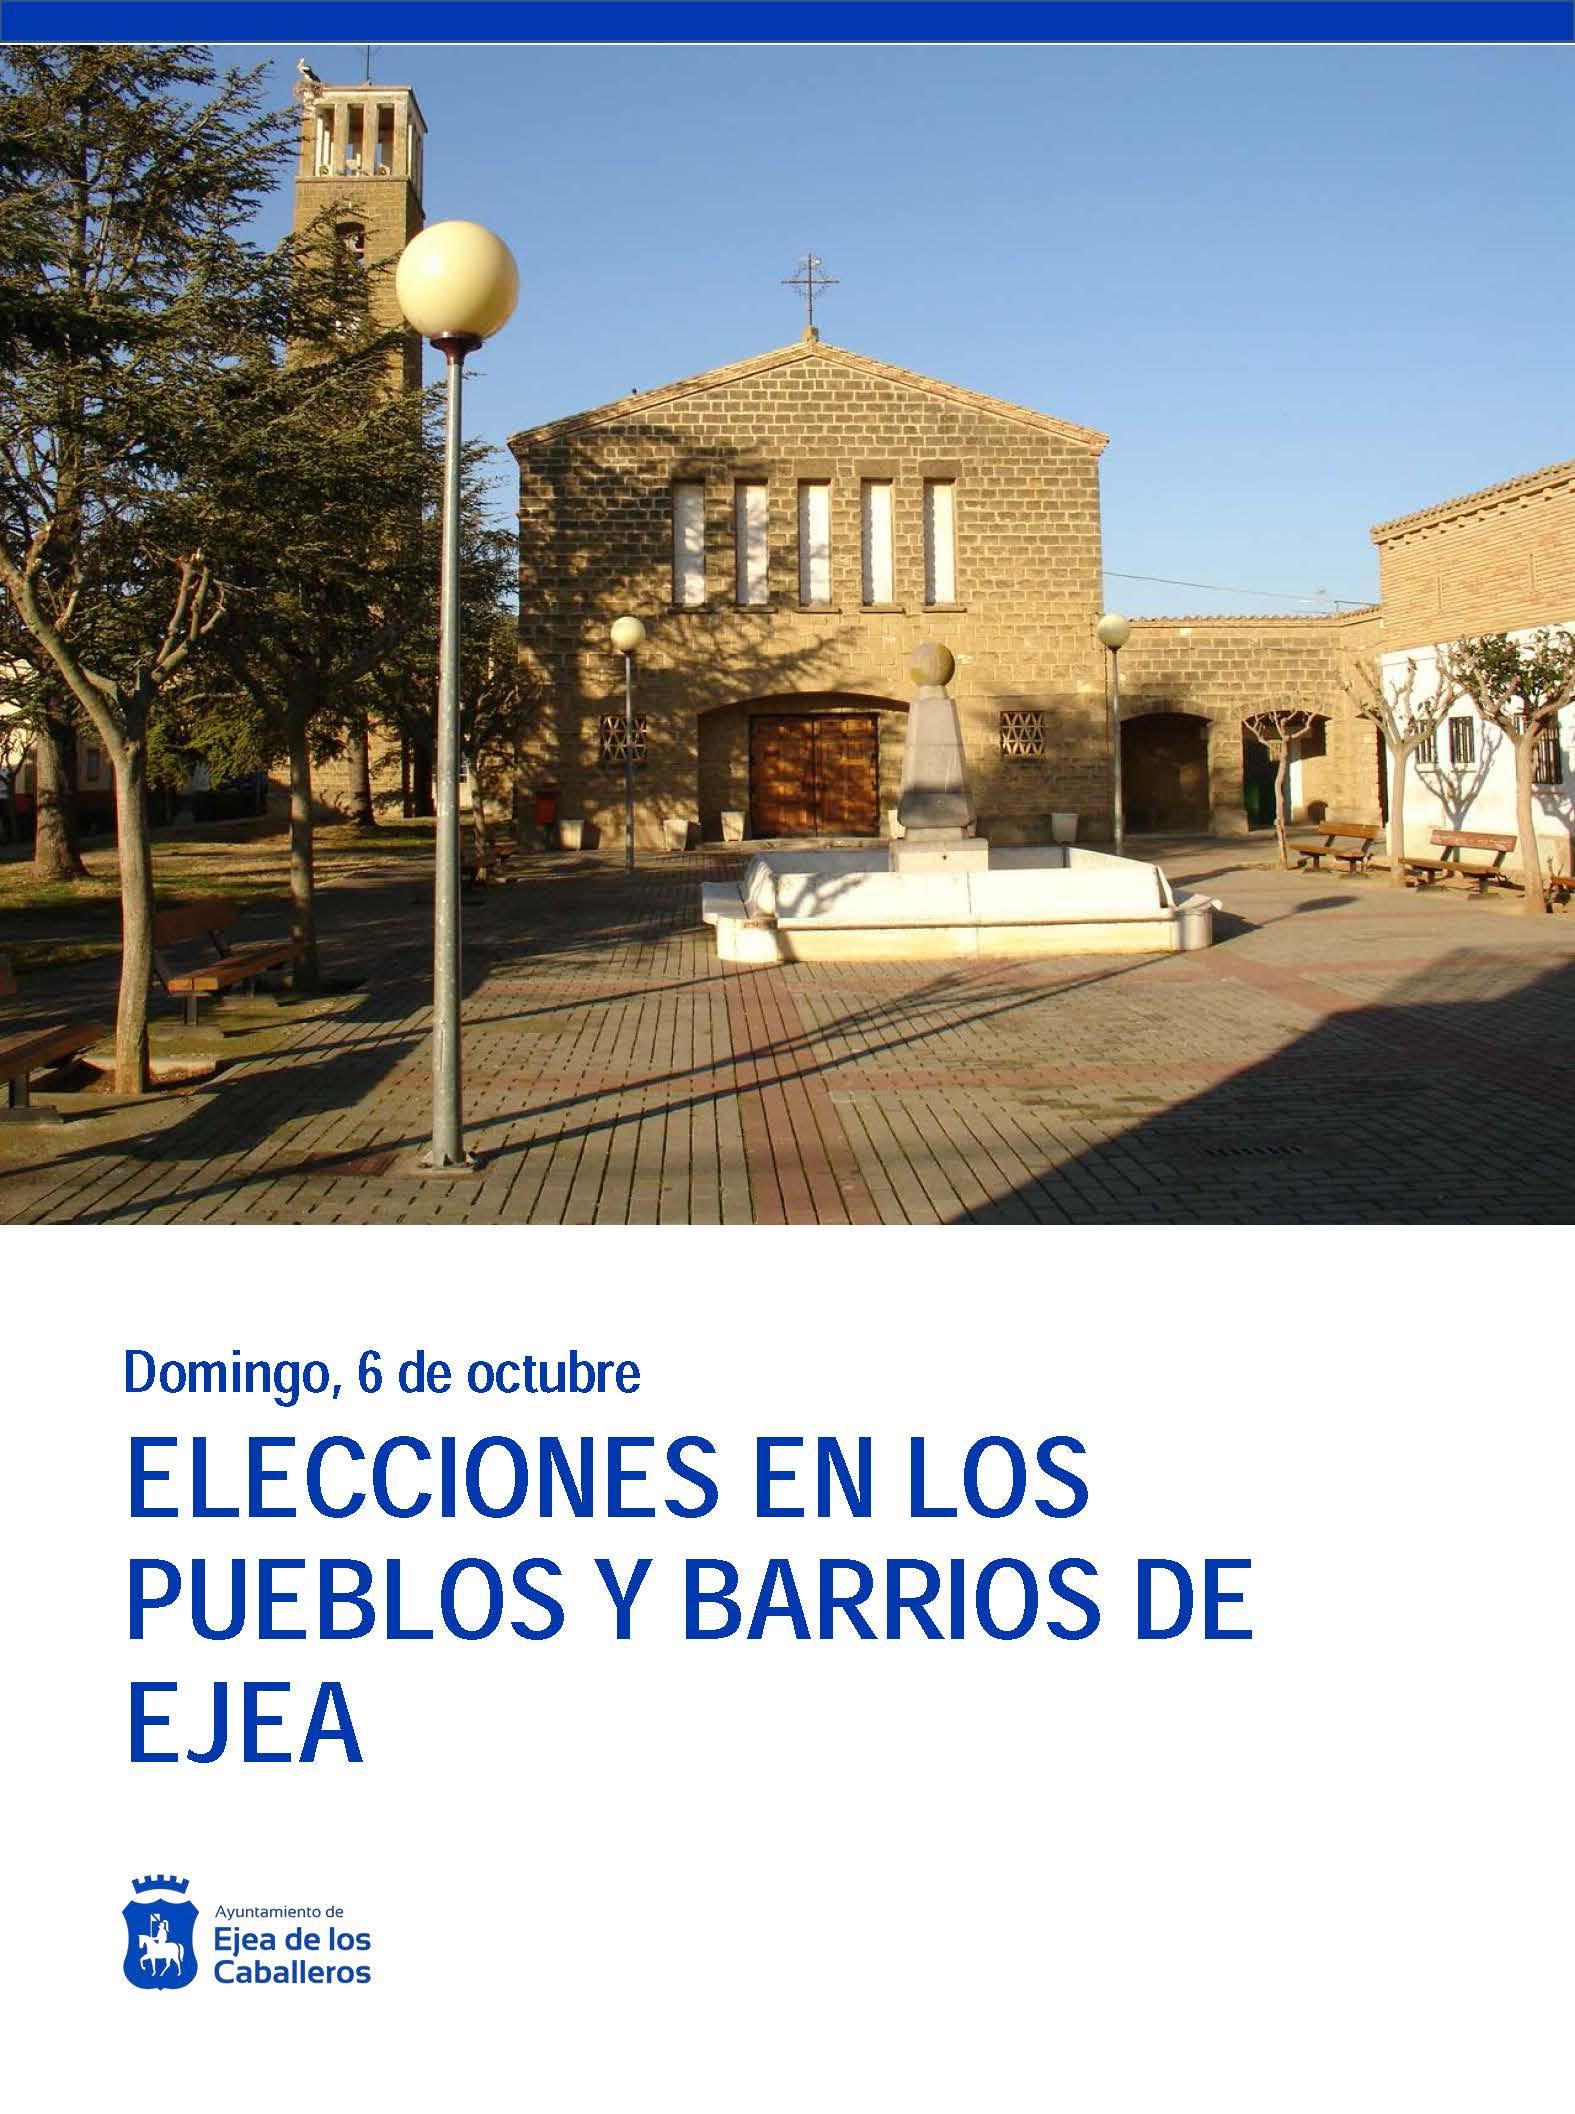 Ejea estuvo presente en el IV Encuentro de Alcaldes y Alcaldesas con la Innovación organizado por la Red Innpulso